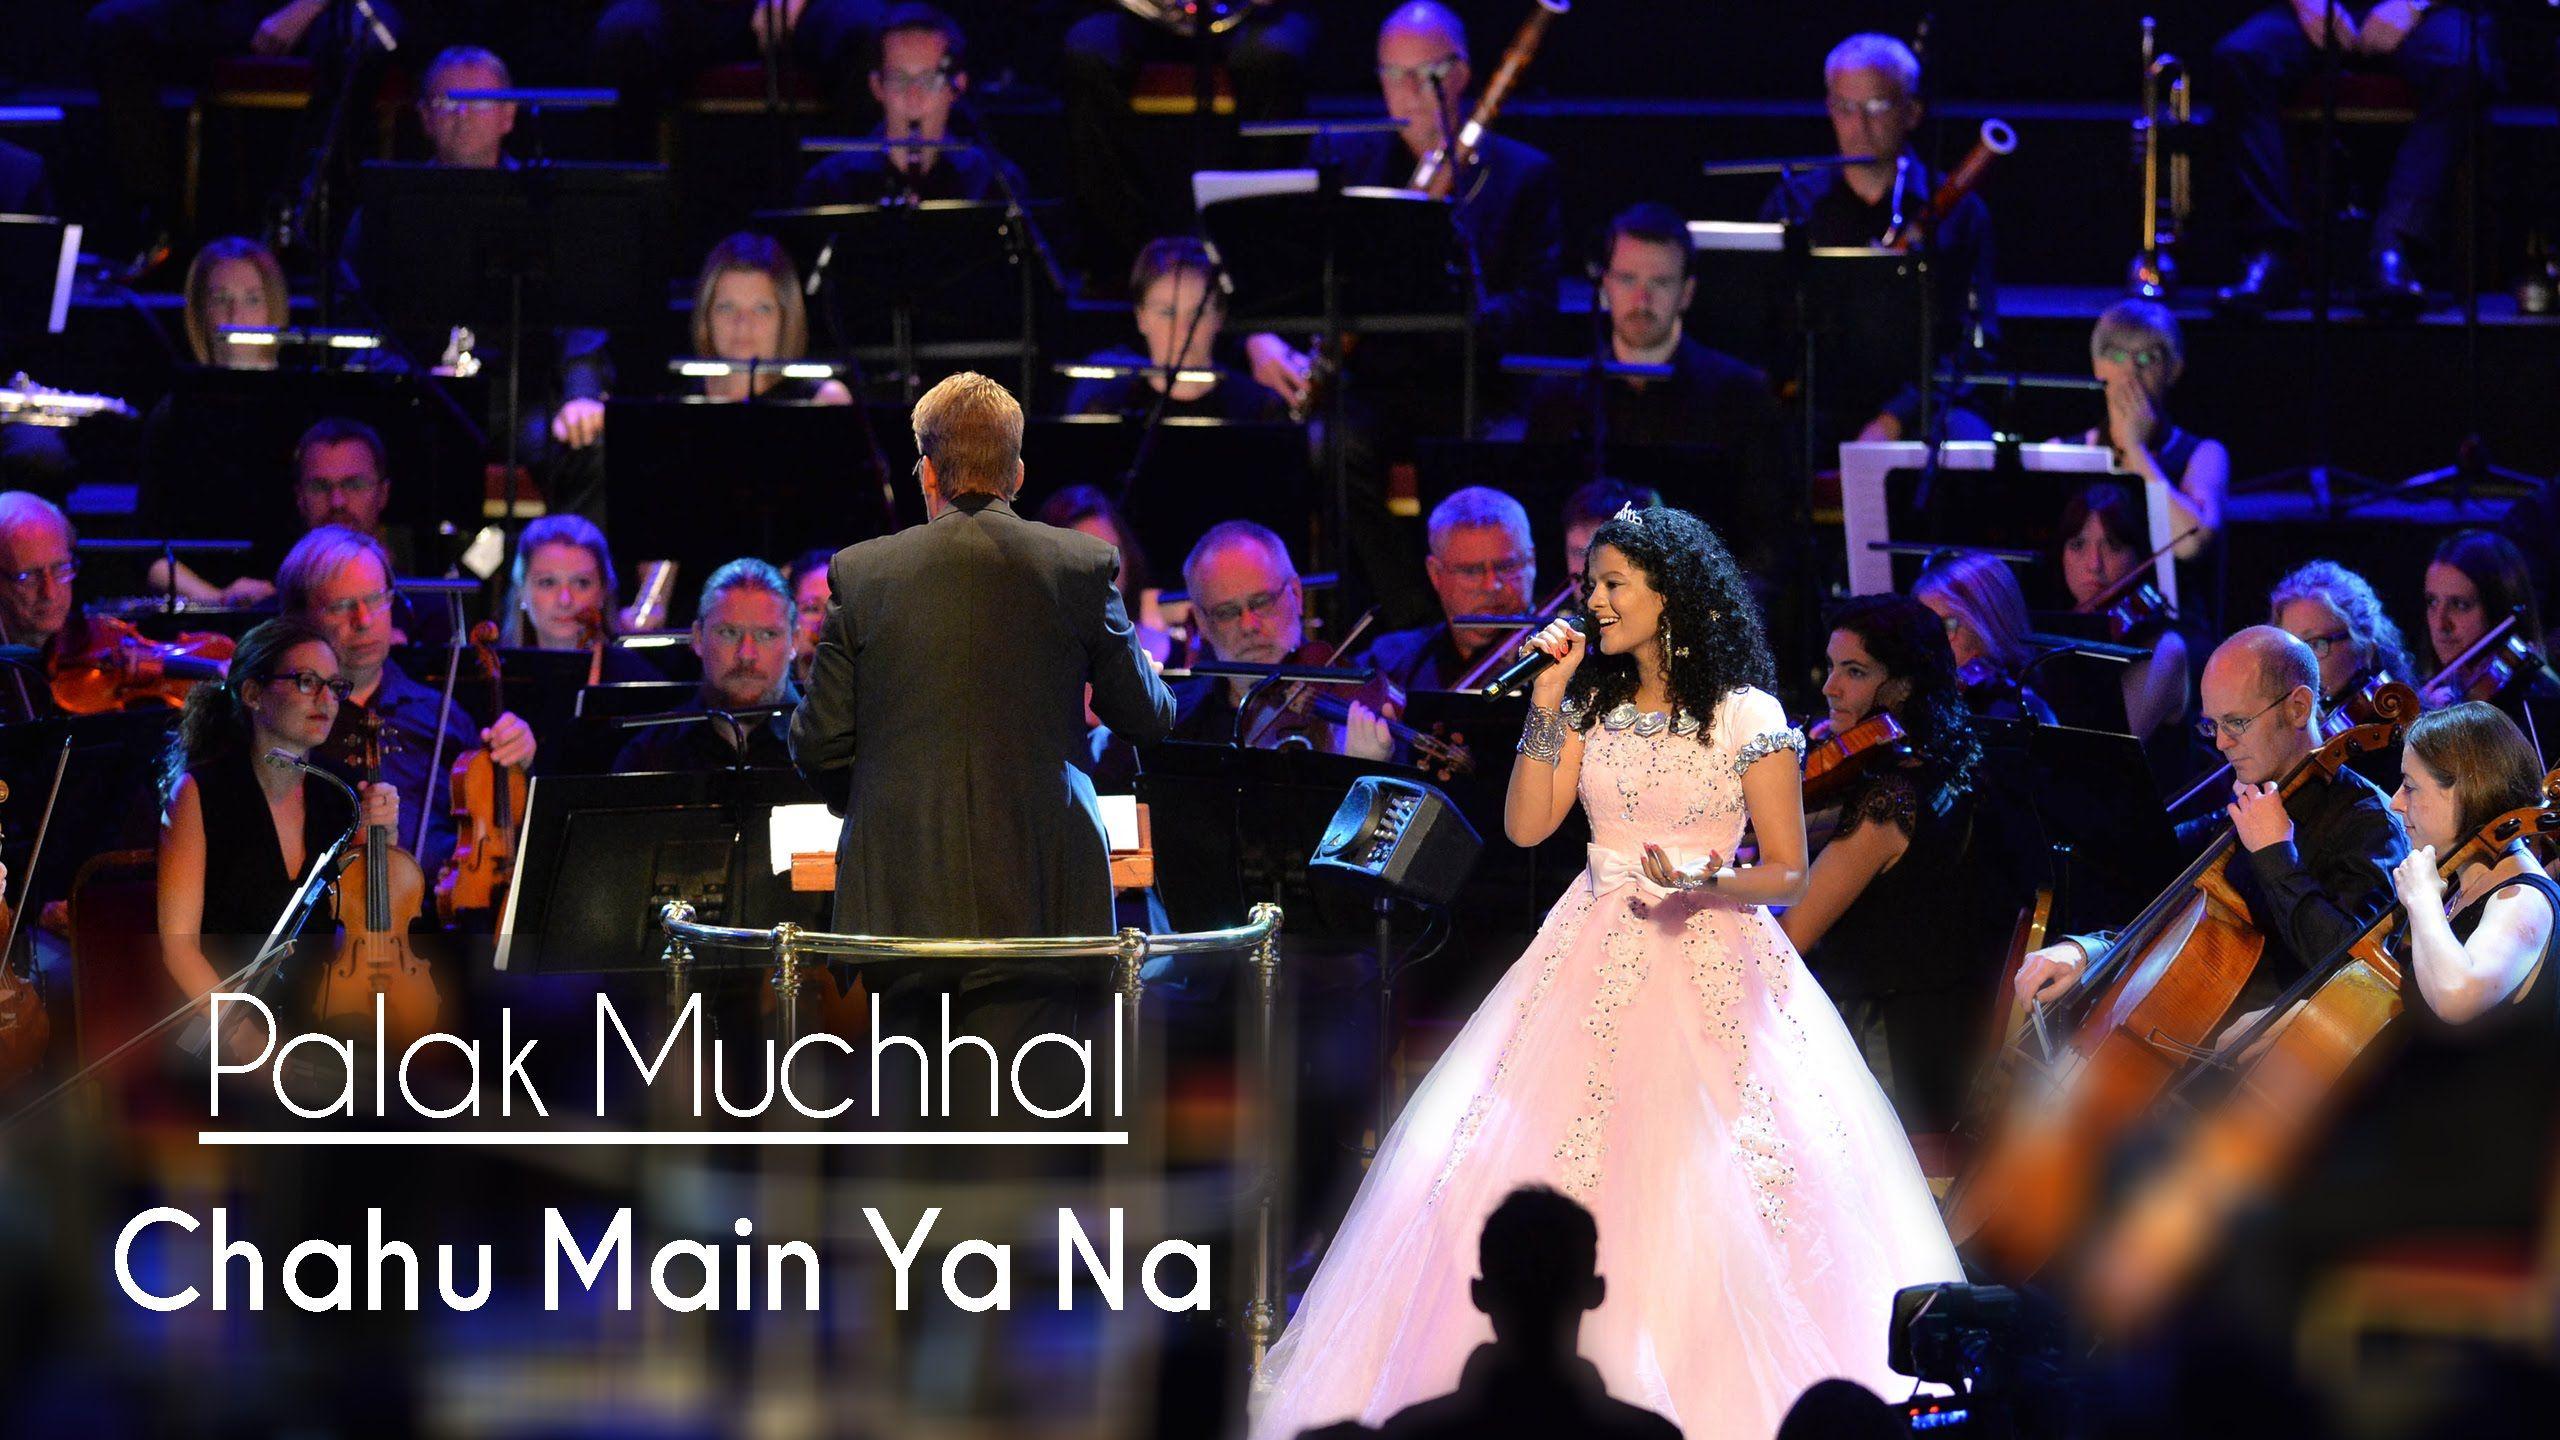 Chahu Main Ya Na Palak Muchhal Live At Royal Albert Hall London A